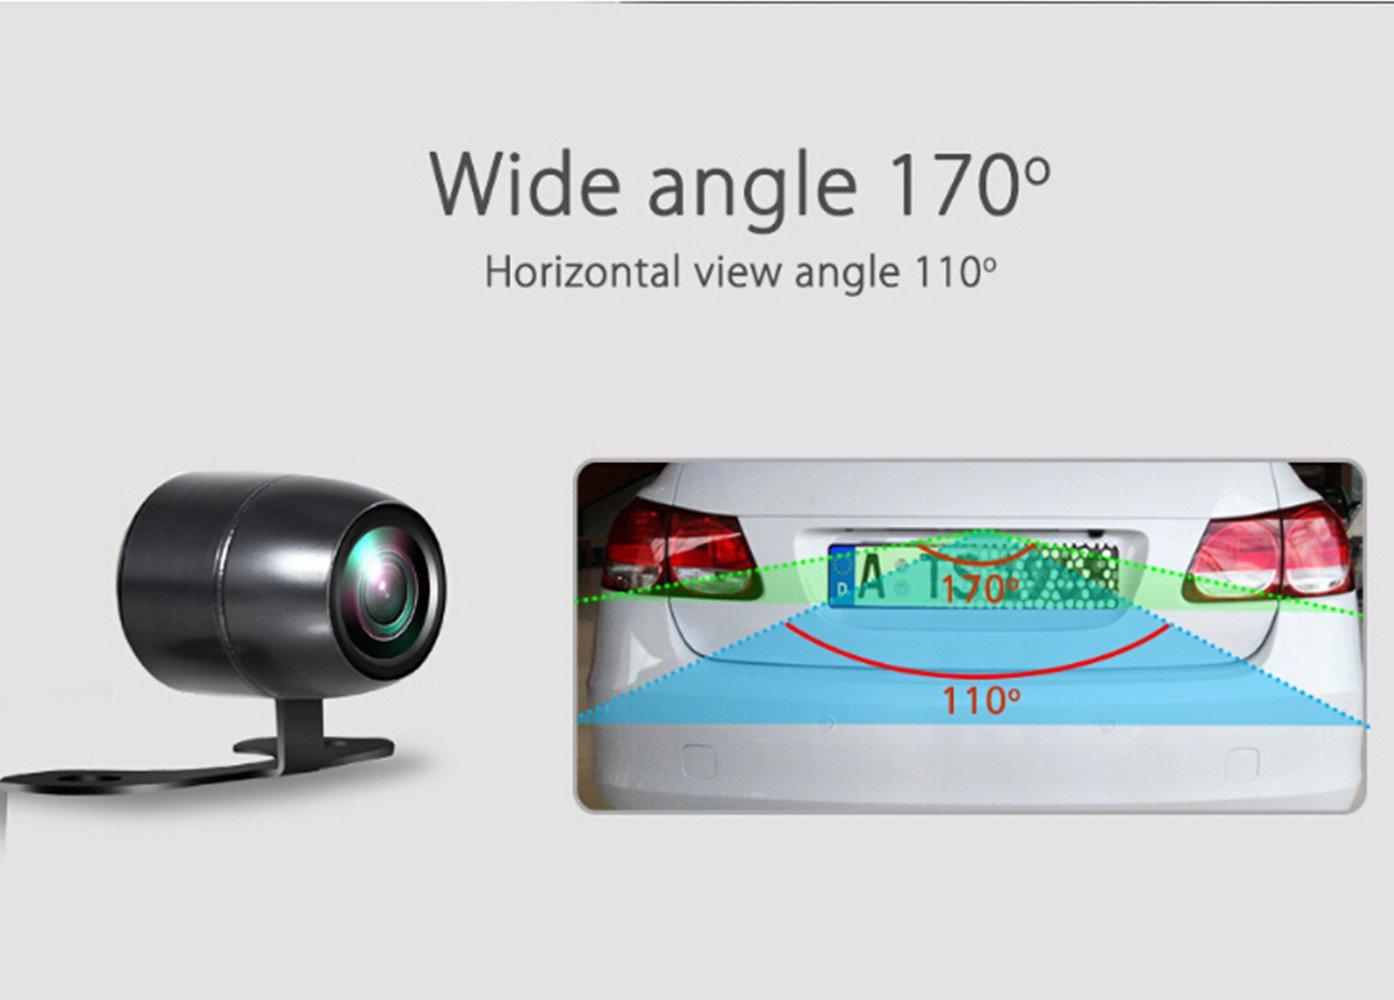 Roverone universel de voiture vue arri/ère de stationnement Papillon Camera HD Couleur Recul /étanche lecteur de sauvegarde Cam/éra avec large Angle de vue